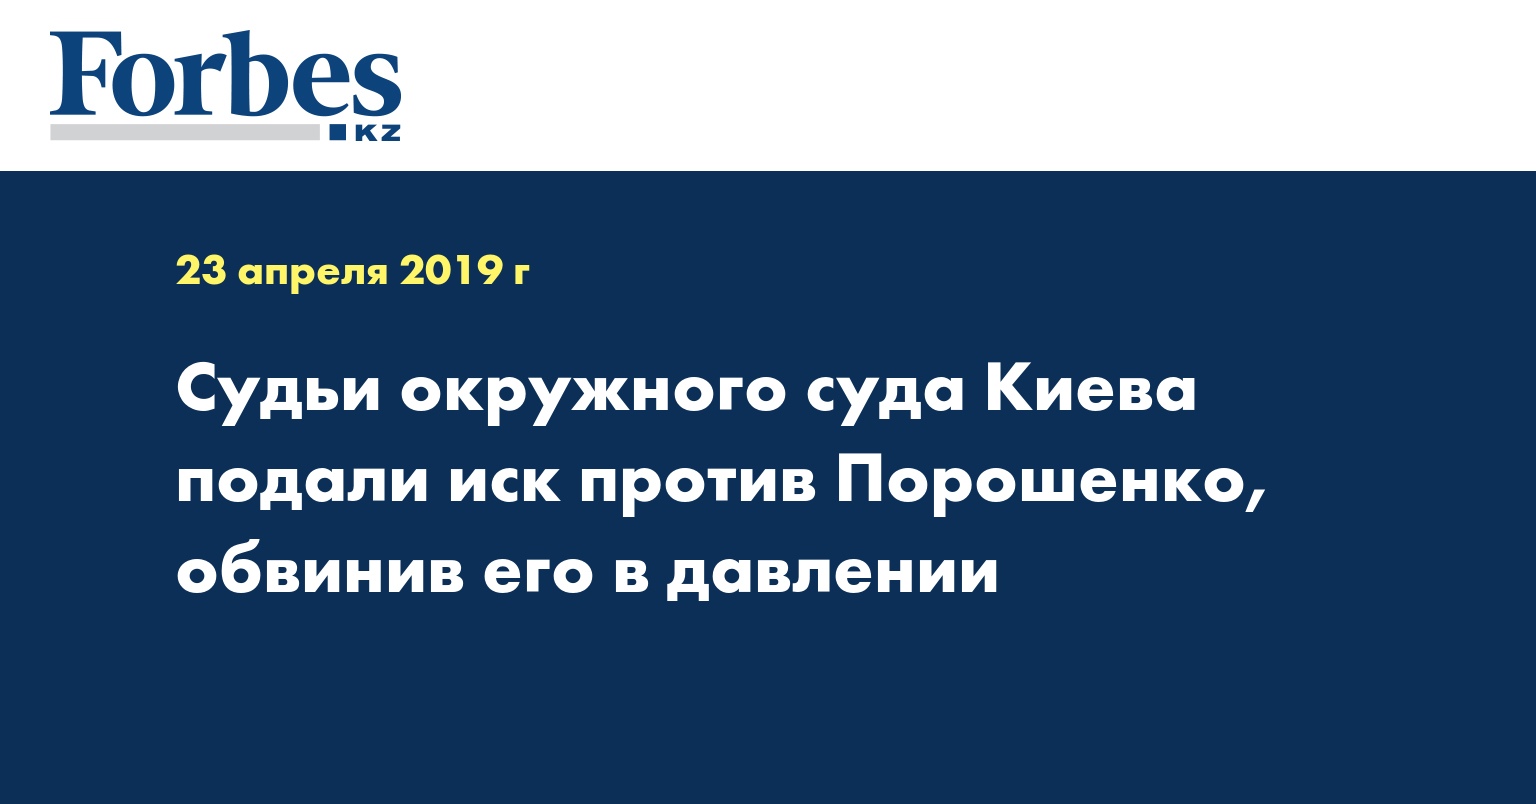 Судьи окружного суда Киева подали иск против Порошенко, обвинив его в давлении